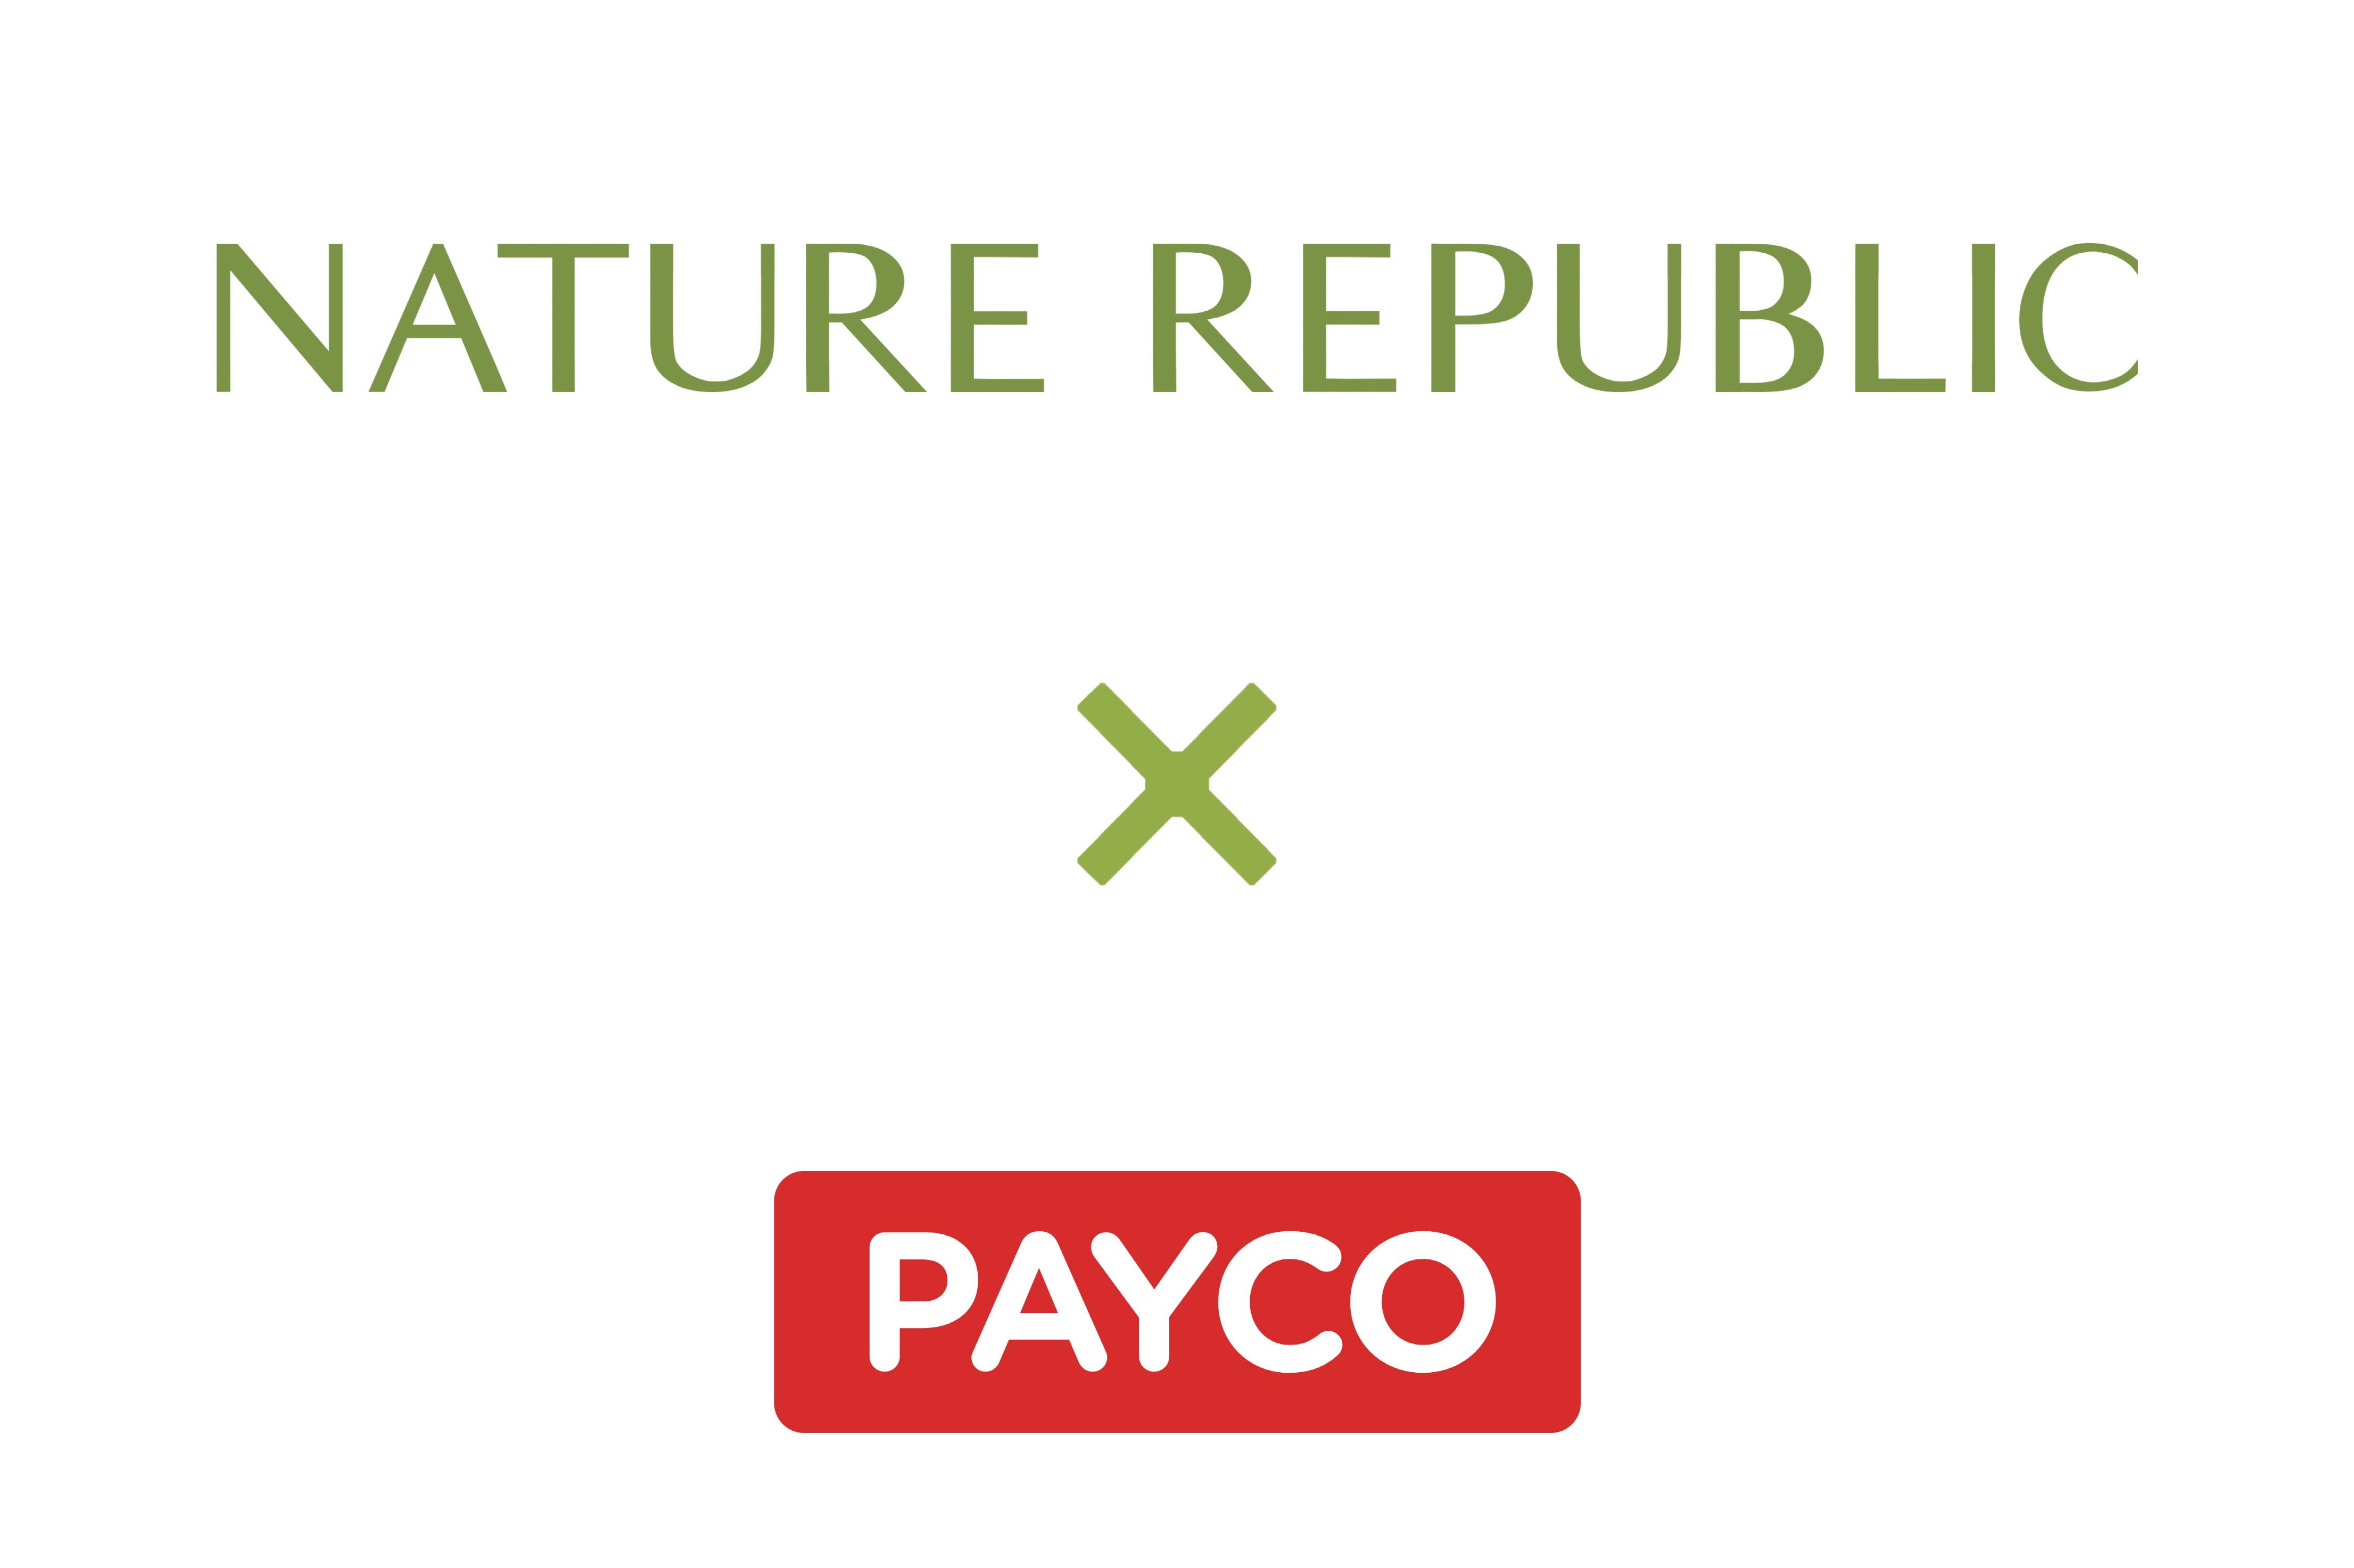 네이처리퍼블릭, 페이코로 간편하게 결제하세요!